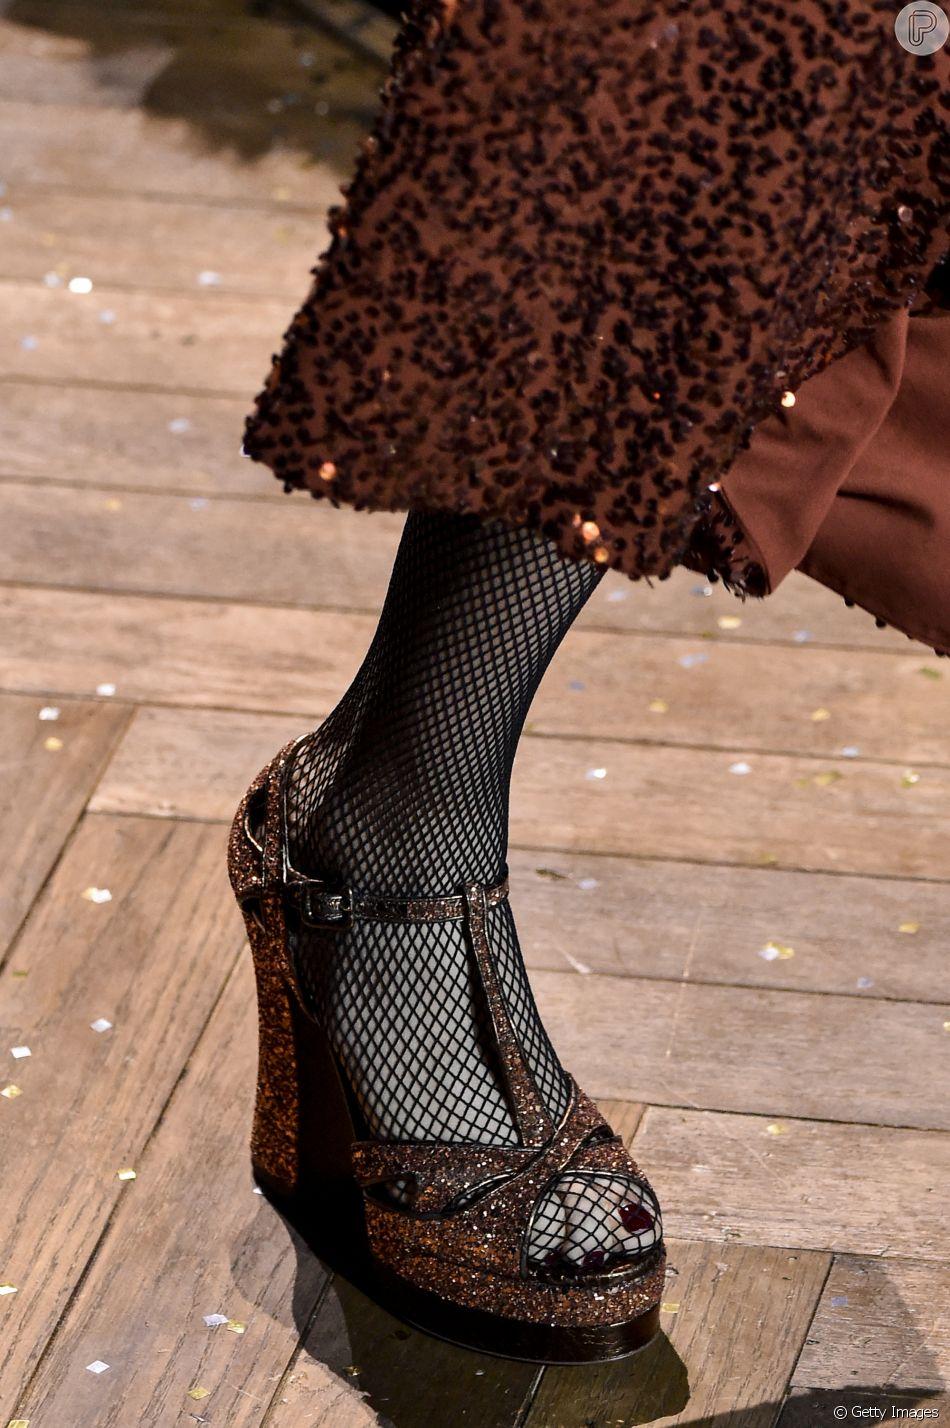 Os sapatos em alta no inverno 2019: sandália meia pata na passarela de Michael Kors